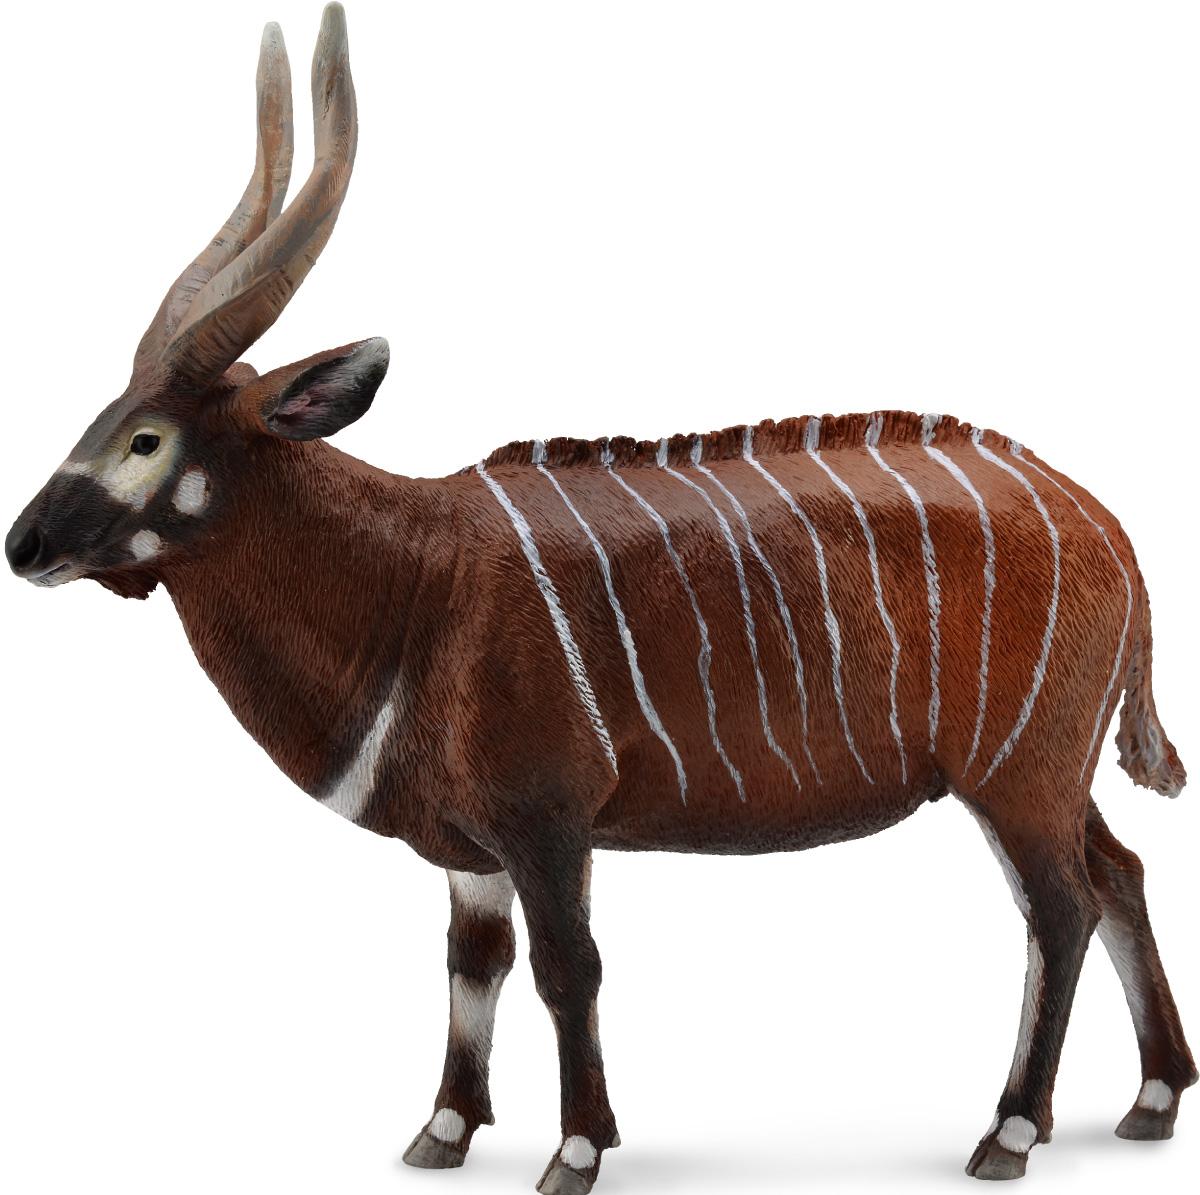 Collecta Фигурка Антилопа Бонго купить сандали антилопа для мальчика